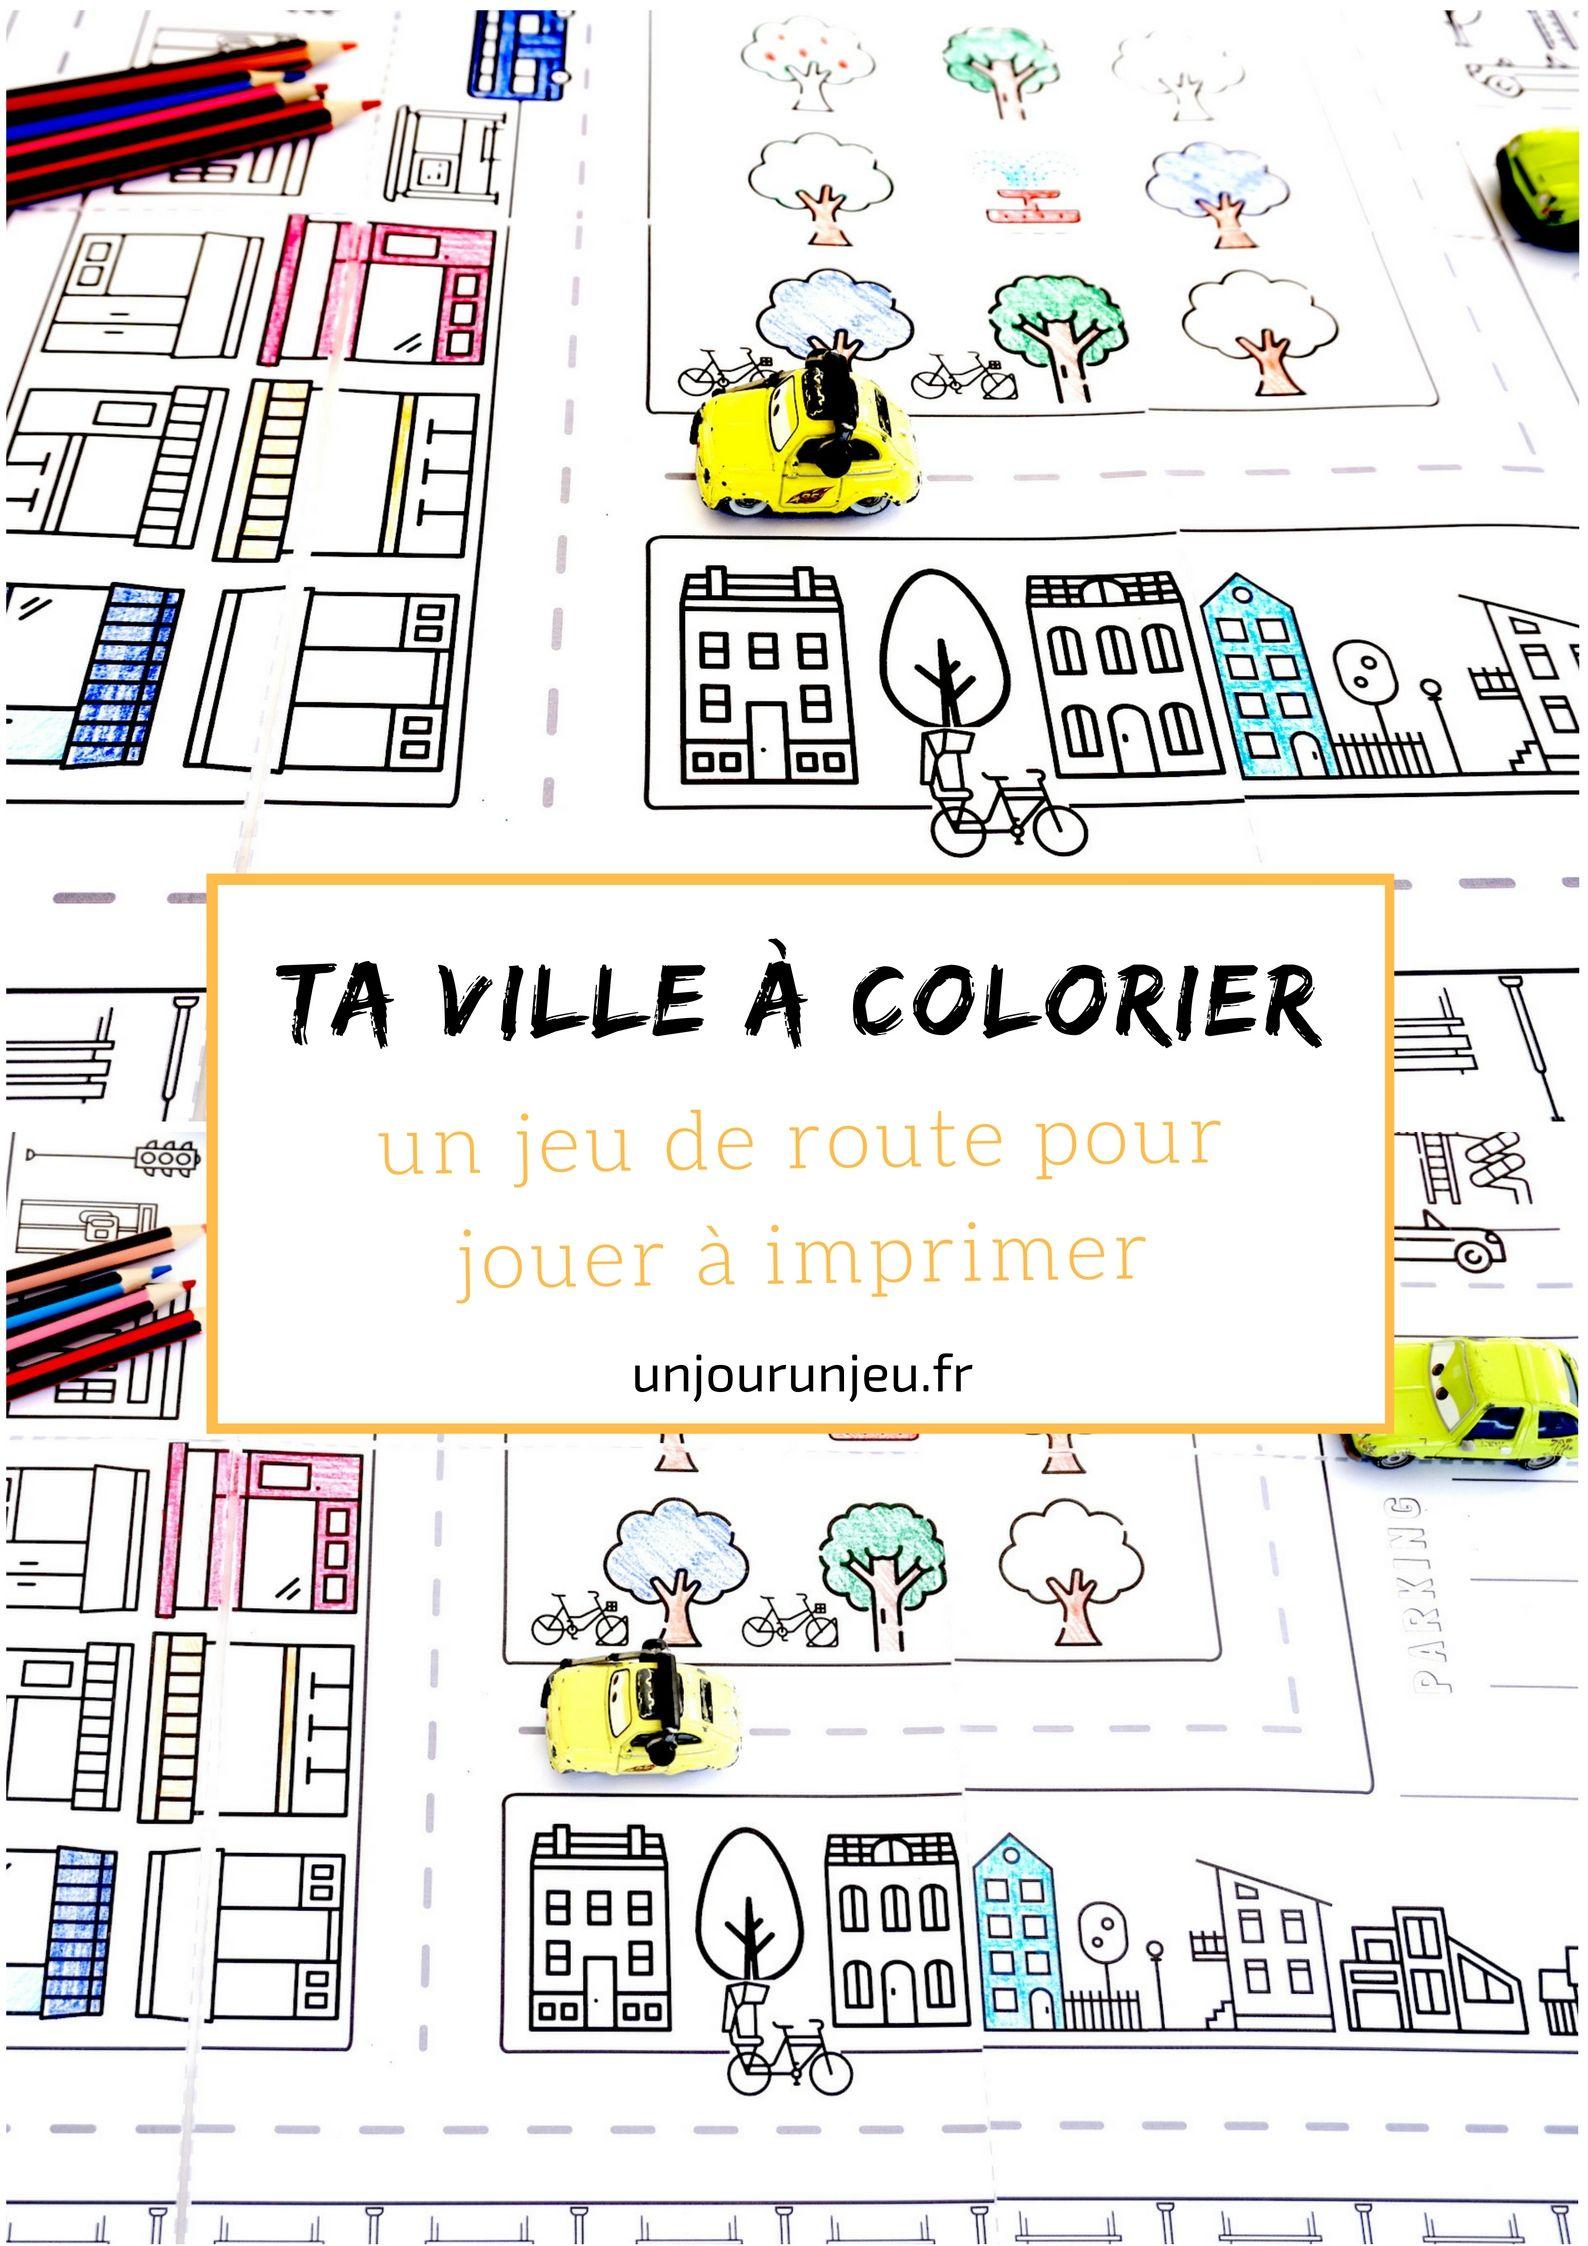 Une Ville A Colorier Pour Jouer Avec Leurs Petites Voitures Un Jour Un Jeu Jeux En Voiture Idees D Activites Pour Les Enfants Jeux En Voiture Pour Enfants